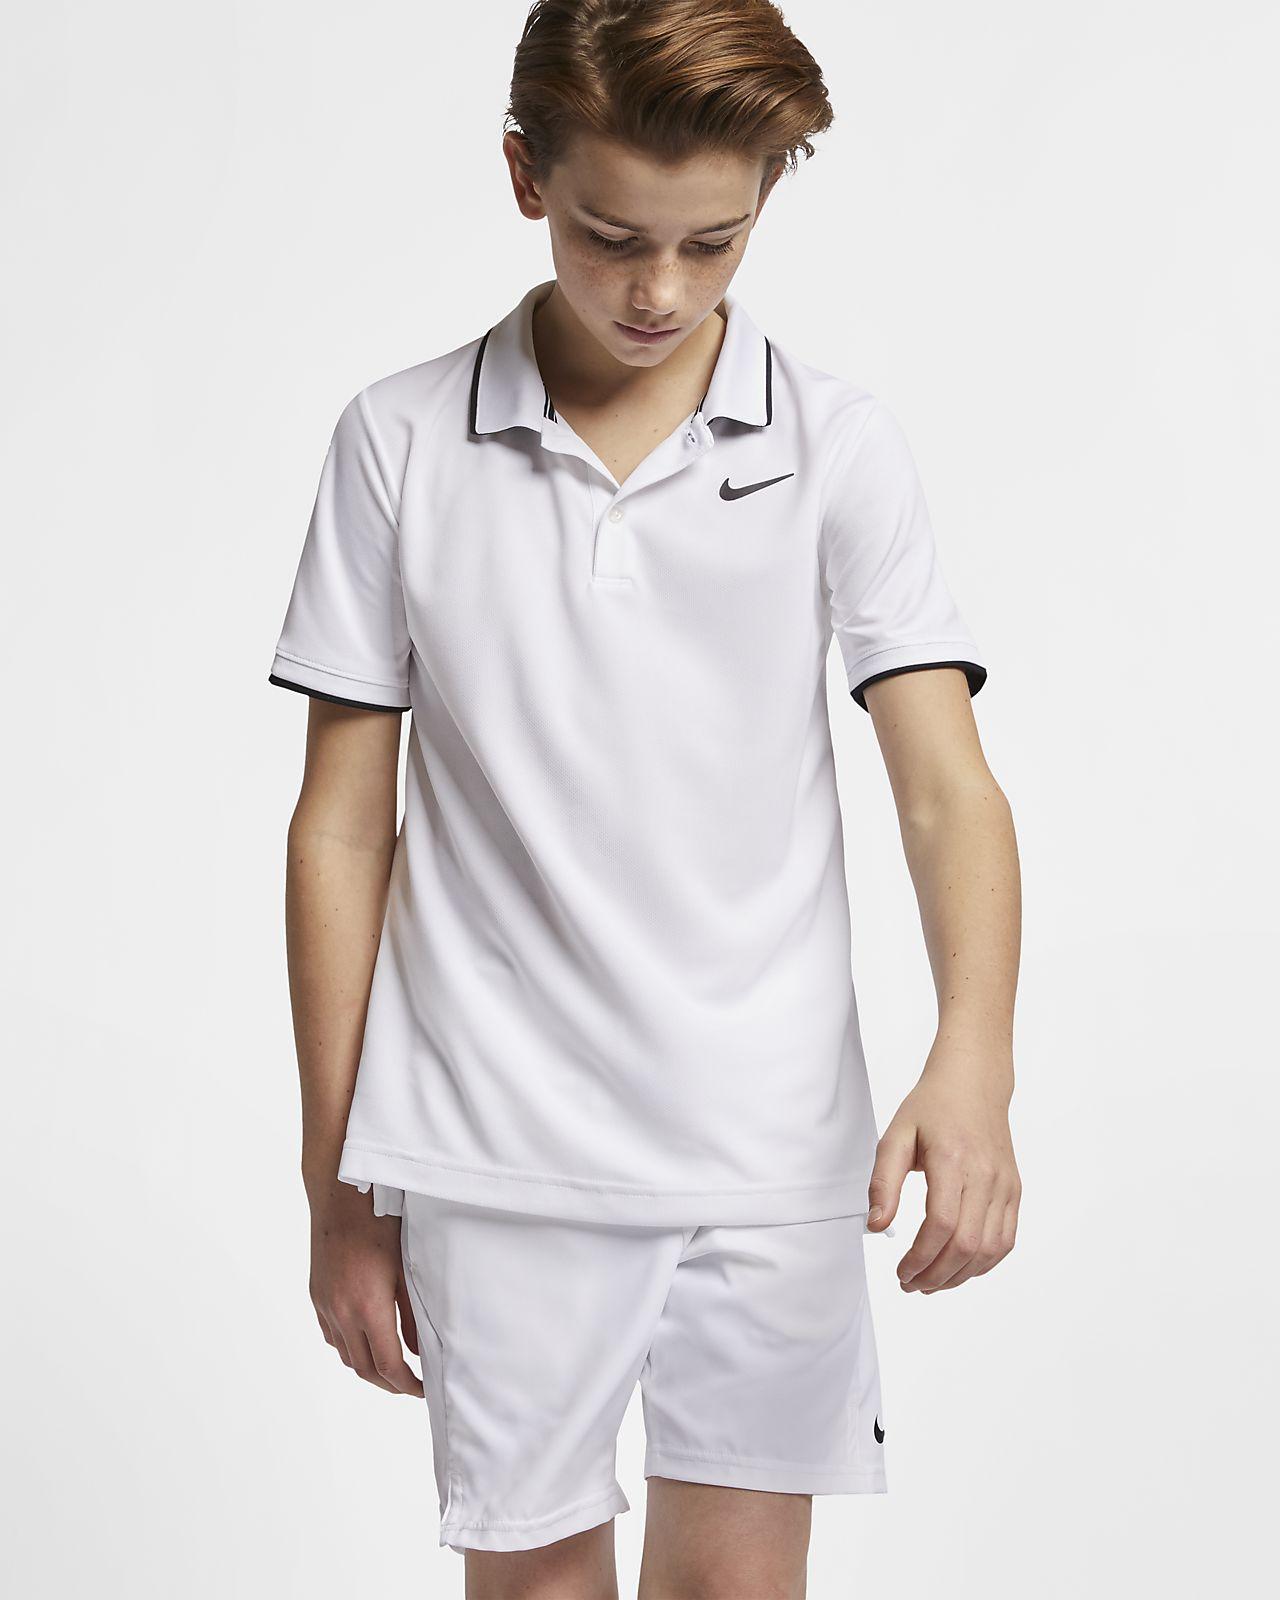 Μπλούζα πόλο για τένις NikeCourt Dri-FIT για μεγάλα αγόρια